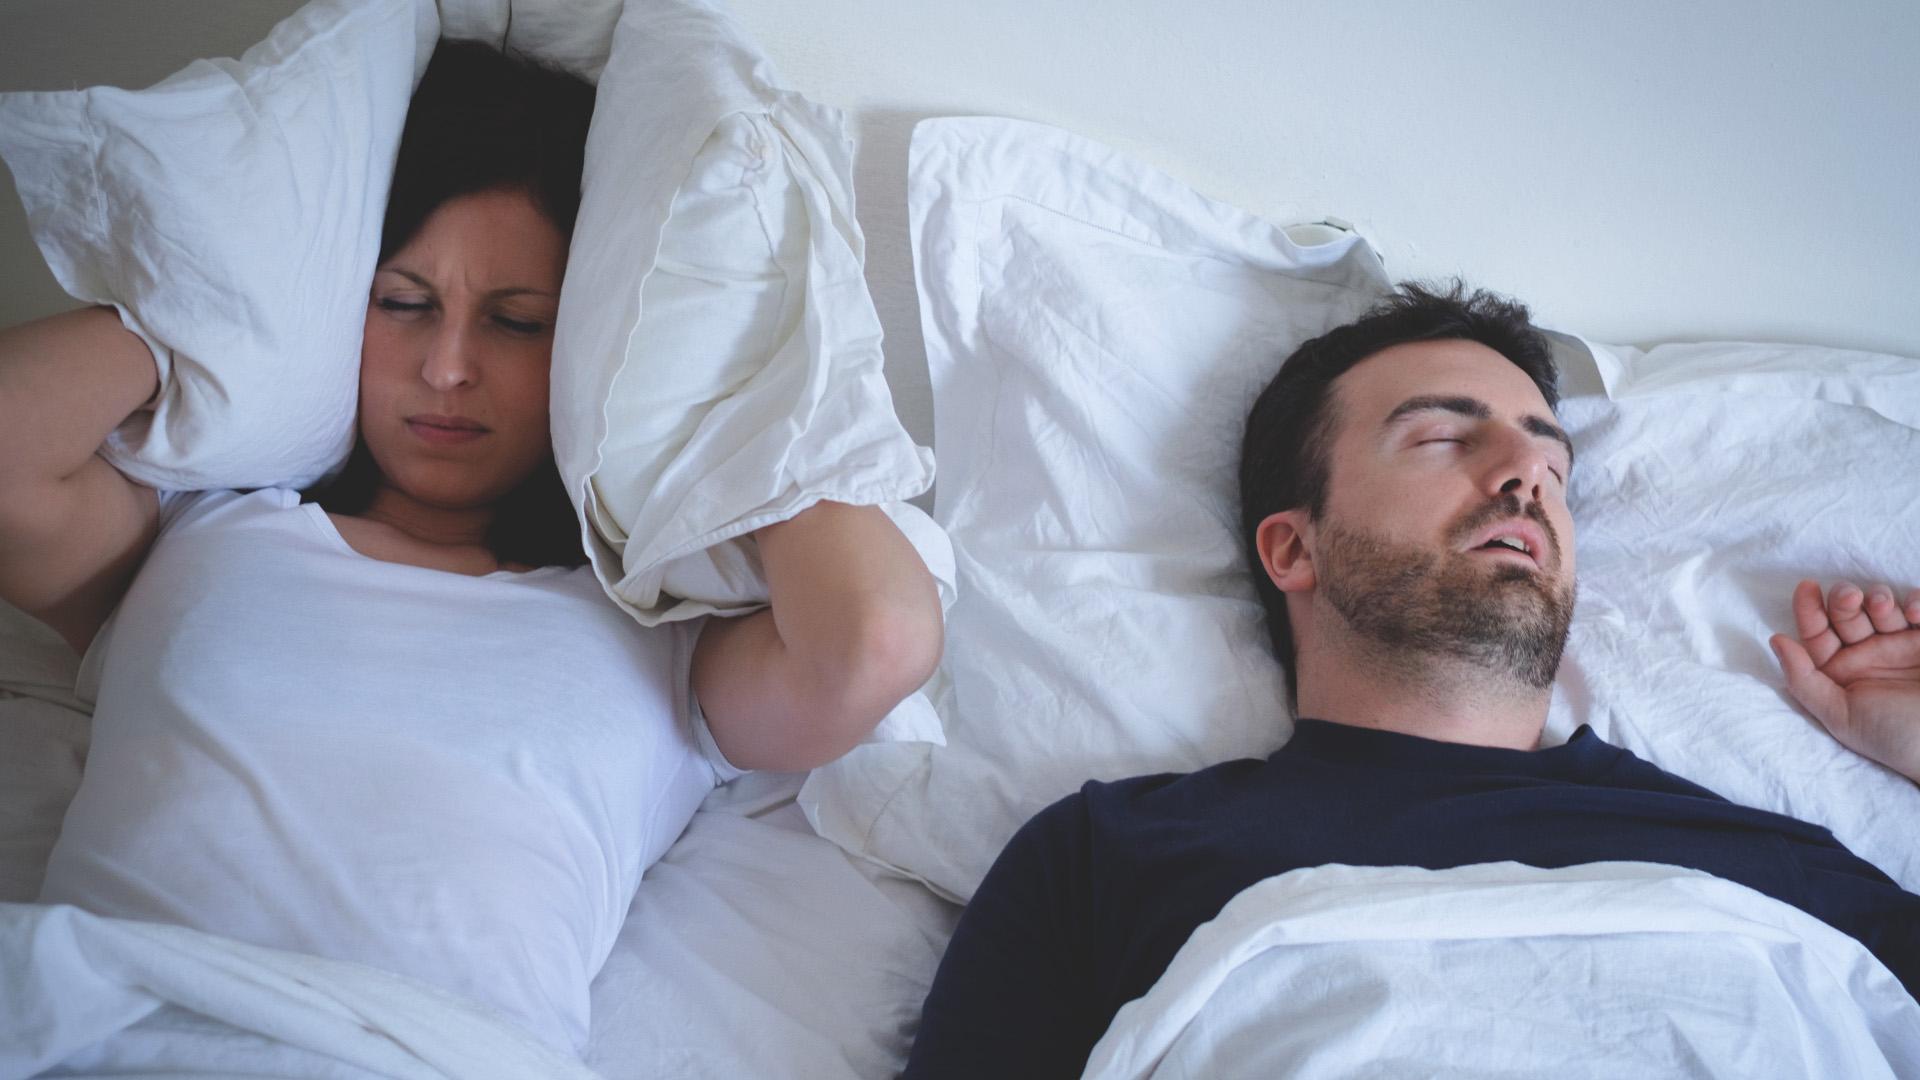 Tappi per dormire quando qualcuno russa